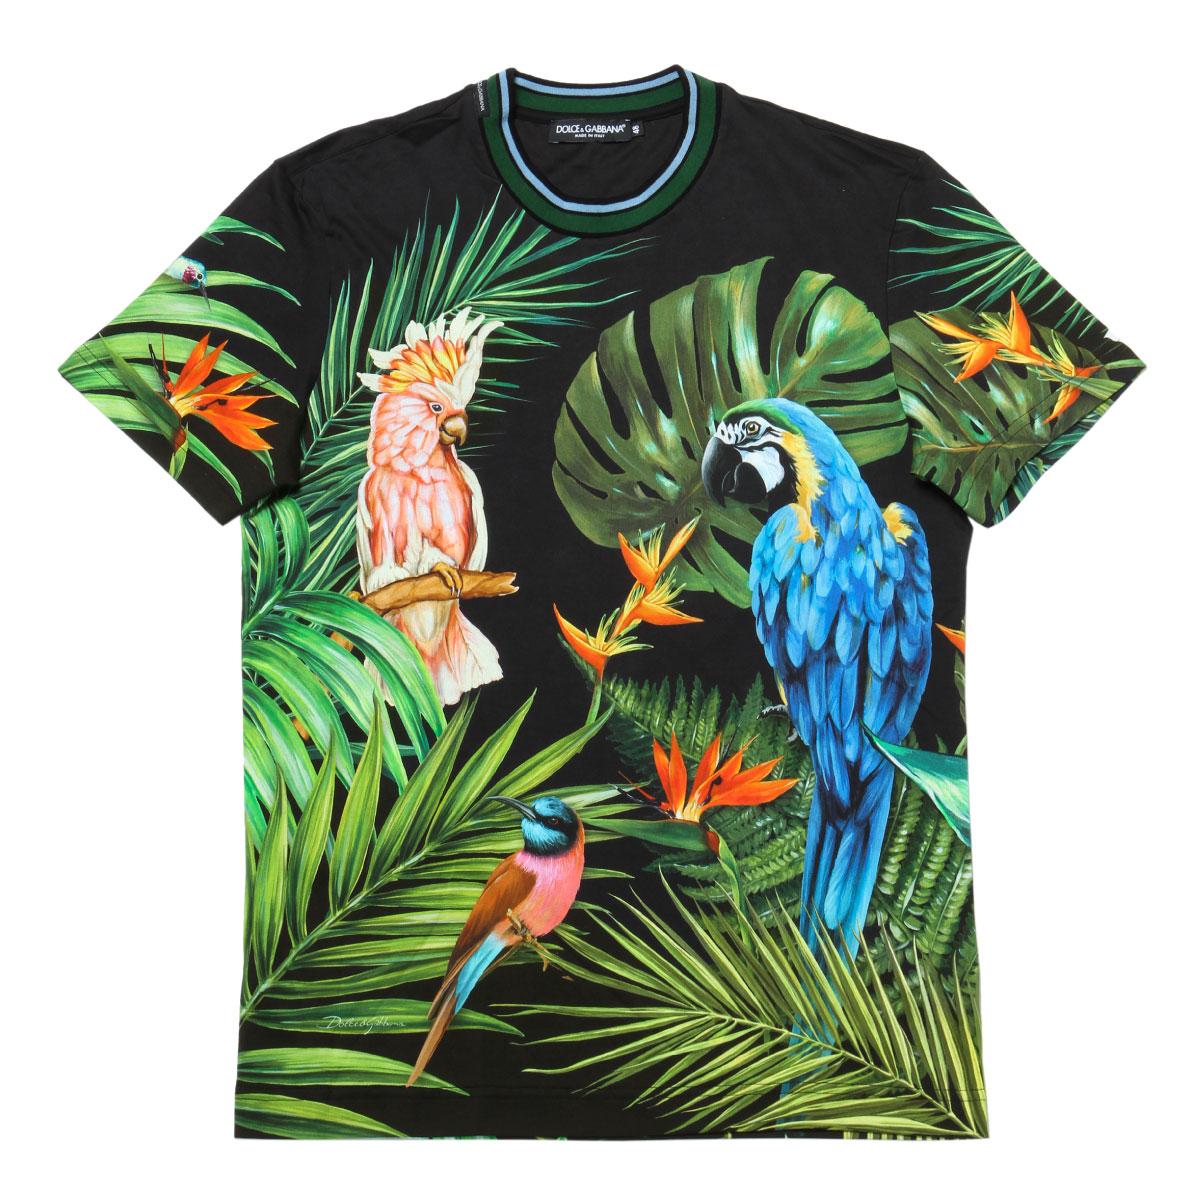 ドルチェアンドガッバーナ DOLCE&GABBANA Tシャツ メンズ G8KD0T FI7VA HN1MH 半袖Tシャツ MULTICOLOR マルチカラー